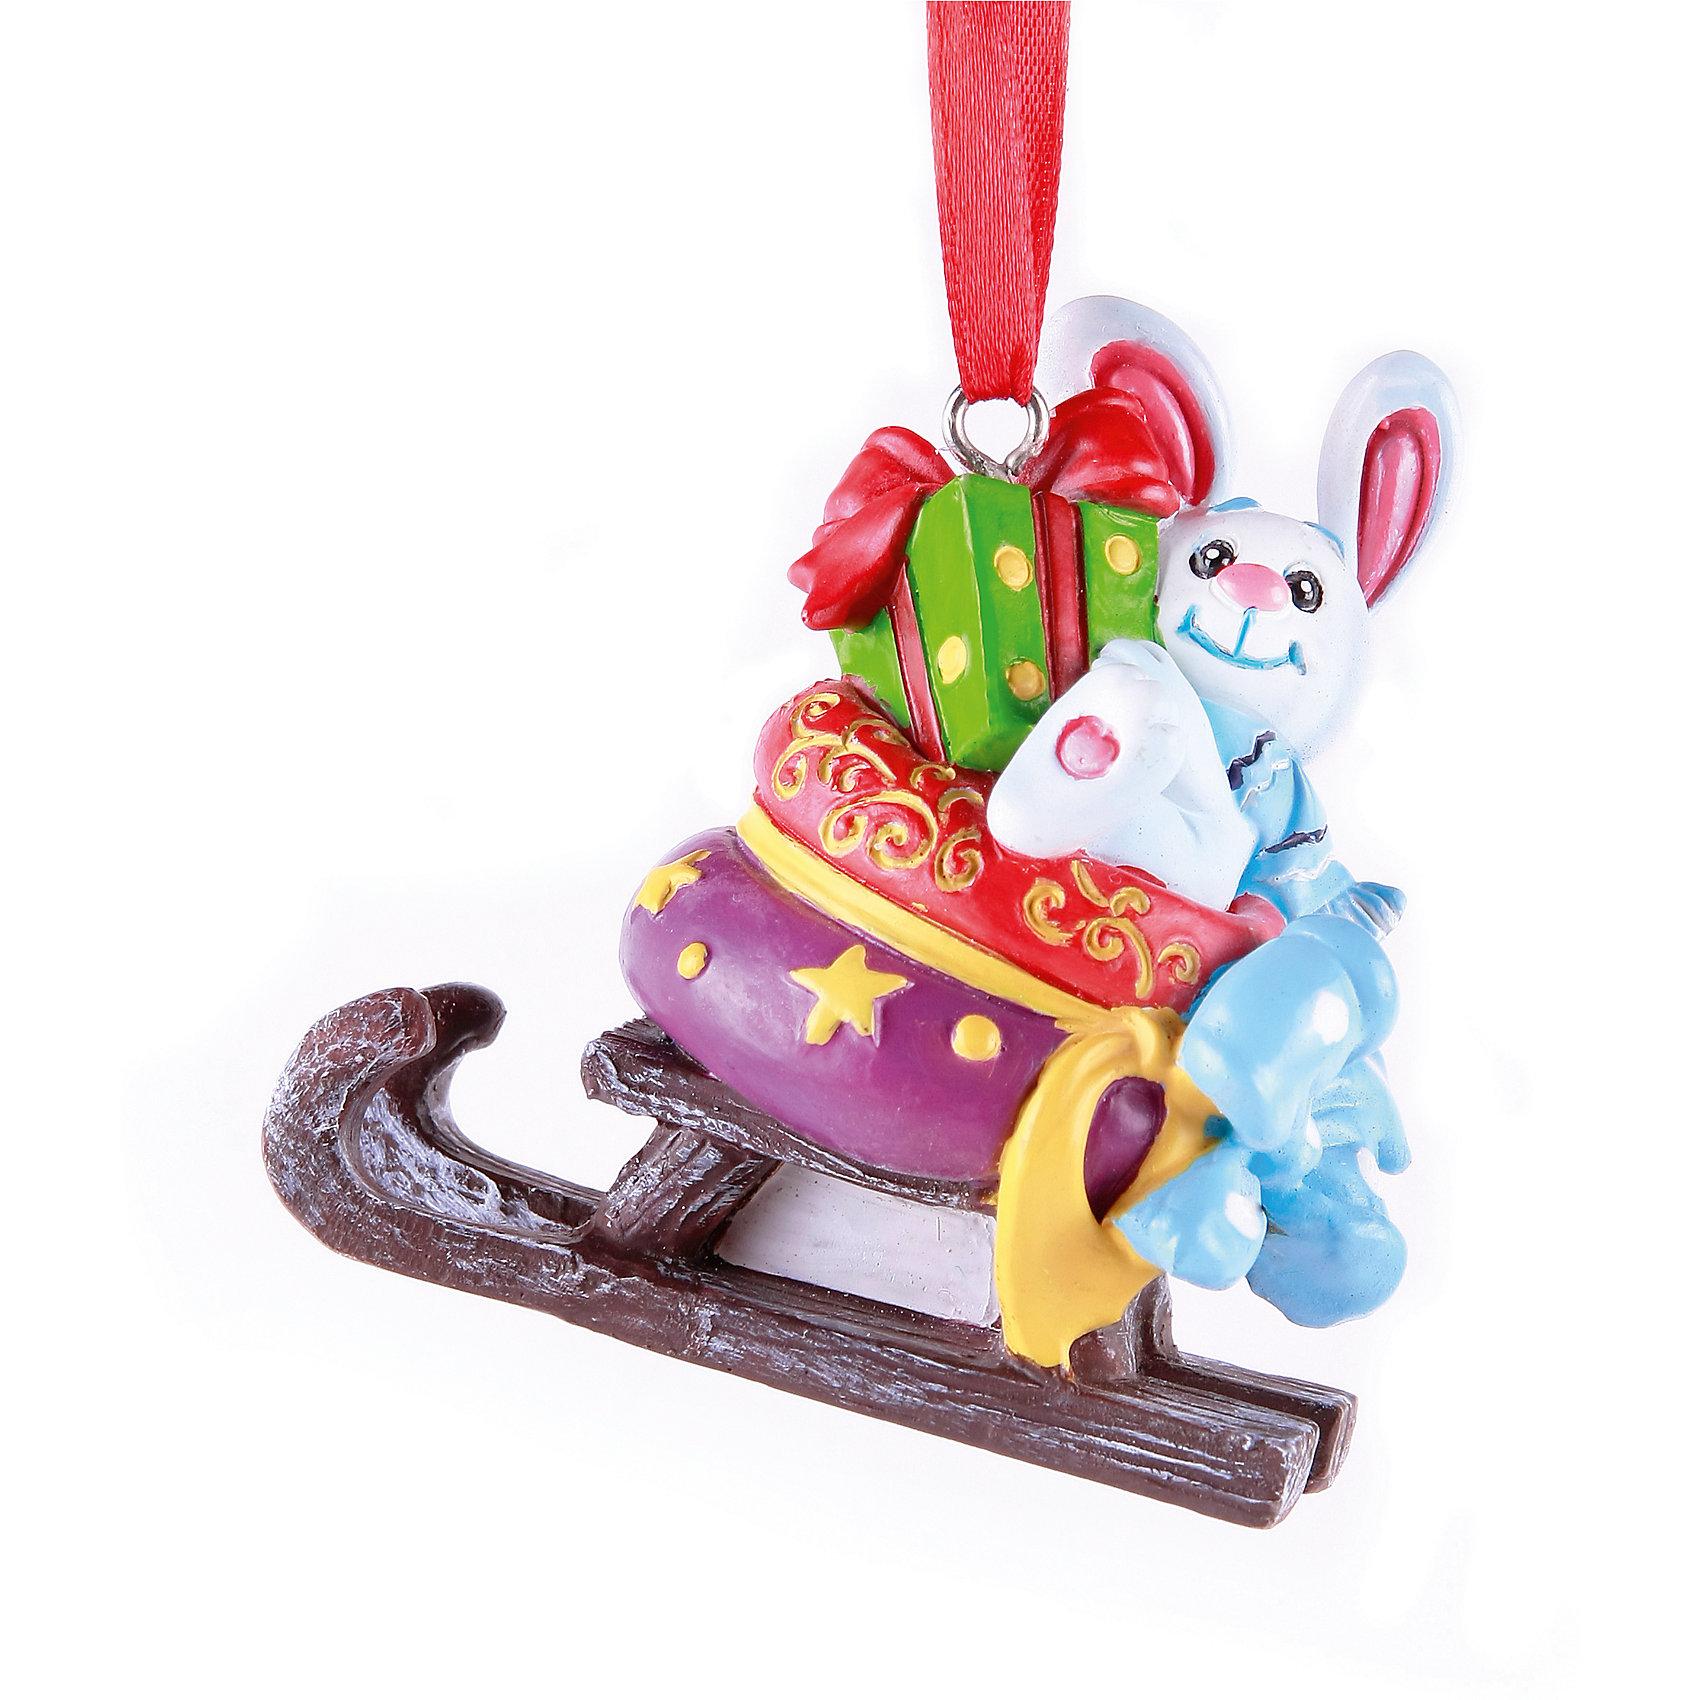 Украшение Зайка с мешком подарков на саняхУкрашение Зайка с мешком подарков на санях, Феникс-презент, замечательно украсит Вашу новогоднюю елку или интерьер и создаст праздничное новогоднее настроение. Украшение выполнено в виде забавного зайчика, везущего на санях мешок с подарками. Имеется специальная петелька, за которую игрушку можно повесить в любом понравившемся Вам месте.<br><br>Дополнительная информация:<br><br>- Материал: полирезина, текстиль.<br>- Размер: 7 х 3,5 х 7 см.<br>- Размер упаковки: 7 х 8 х 4 см.<br><br>Украшение Зайка с мешком подарков на санях, Феникс-презент, можно купить в нашем интернет-магазине.<br><br>Ширина мм: 80<br>Глубина мм: 50<br>Высота мм: 80<br>Вес г: 100<br>Возраст от месяцев: 36<br>Возраст до месяцев: 2147483647<br>Пол: Унисекс<br>Возраст: Детский<br>SKU: 4276483